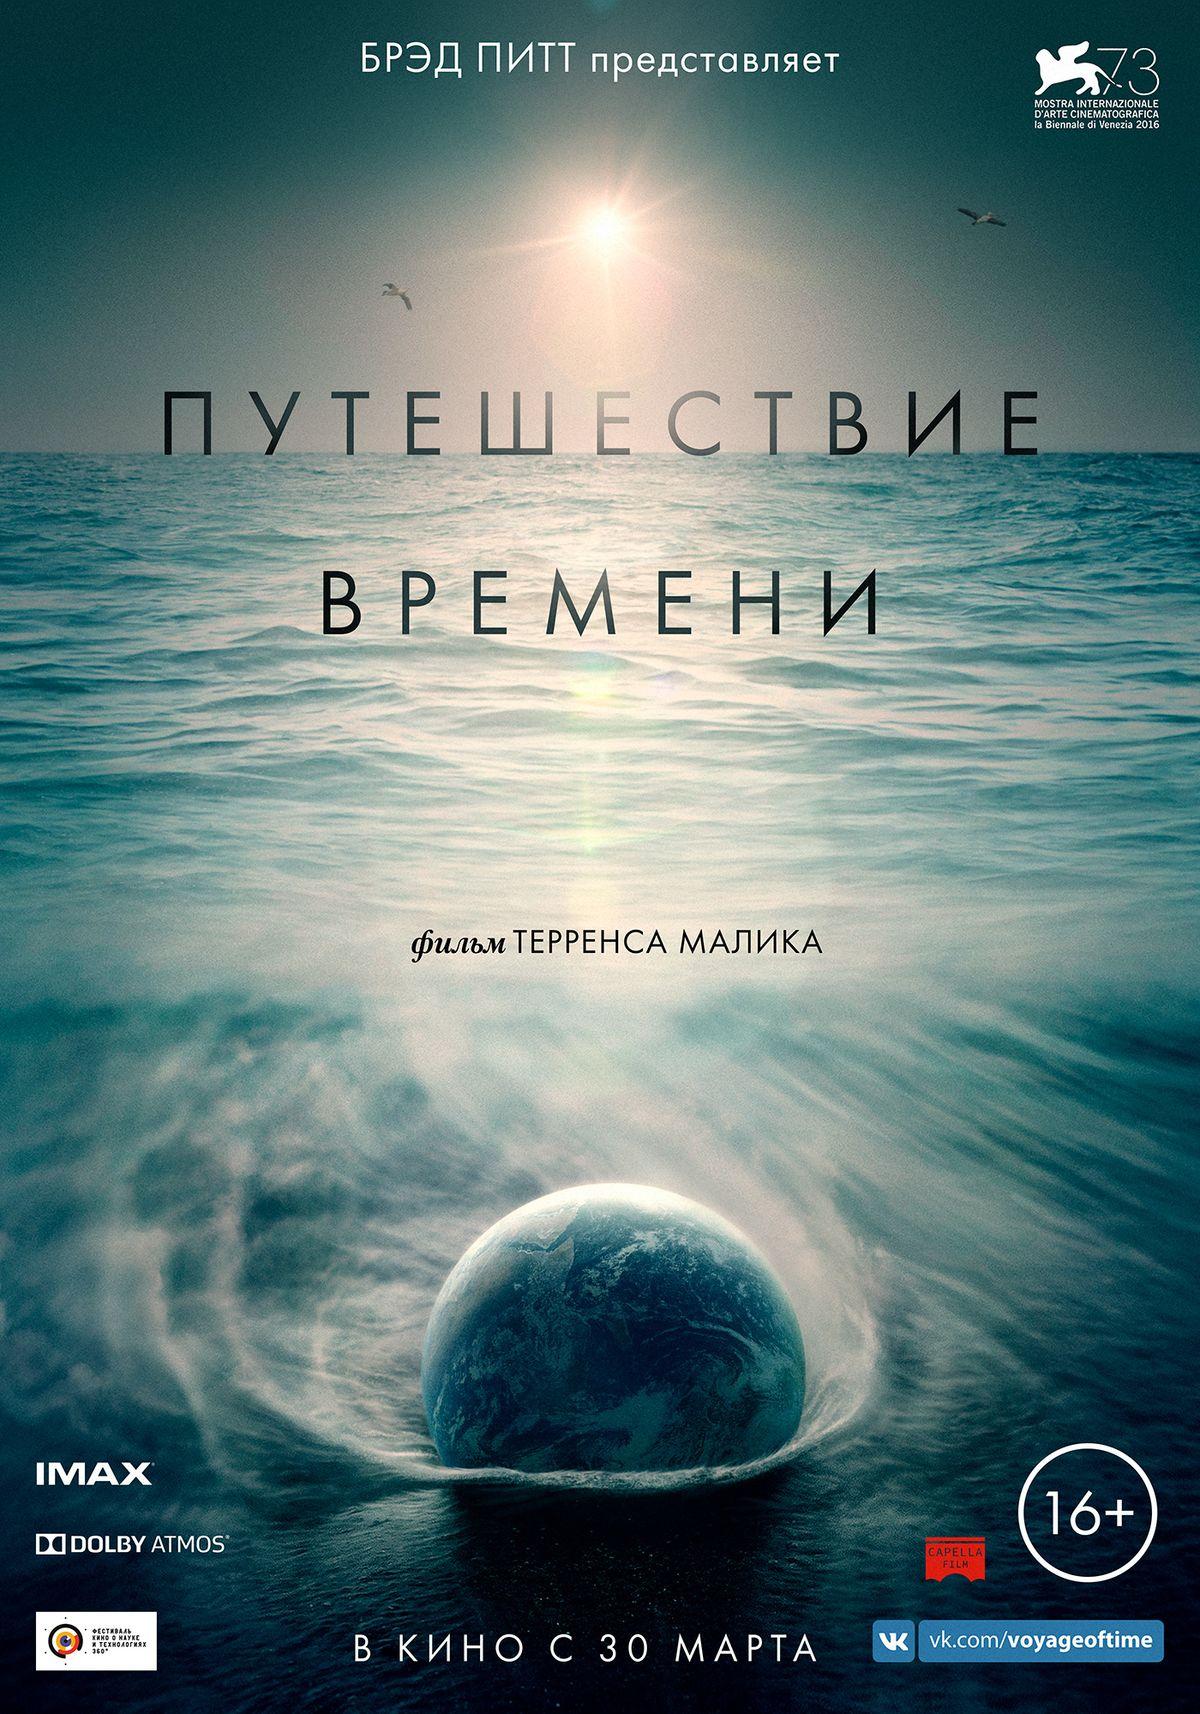 Путешествие времени — Википедия Смотреть Фильм Фантастика